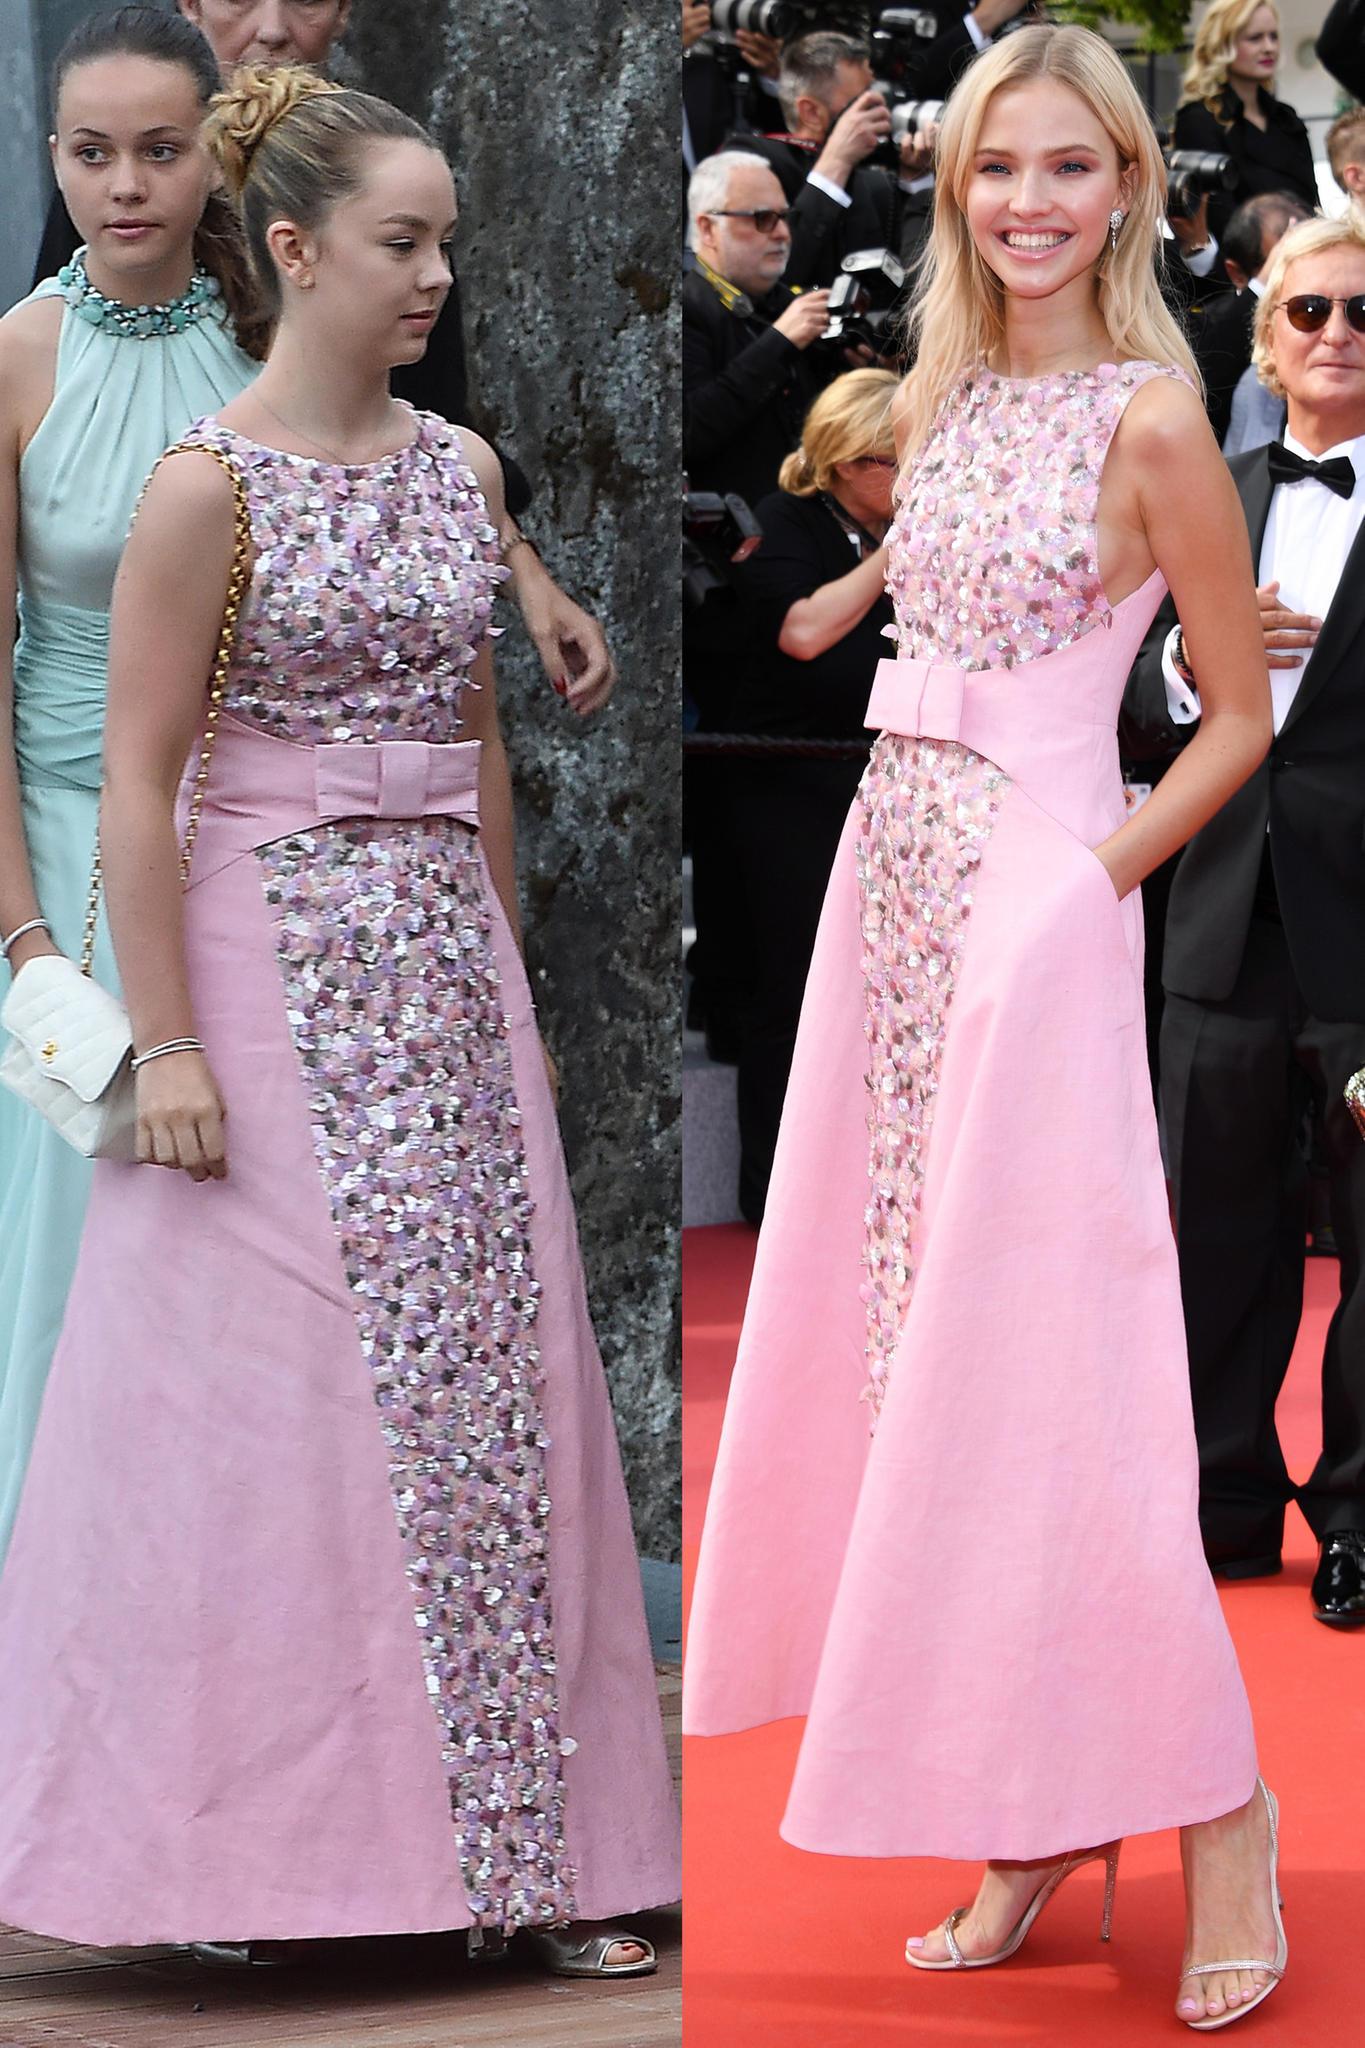 Zur Hochzeit von Pierre Casiraghi und Beatrice Borromeo im August 2015trägt Prinzessin Alexandra ein Kleid von Chanel und setzt damit Trends: Sasha Luss spaziert darin in 2019 über den roten Teppich in Cannes.